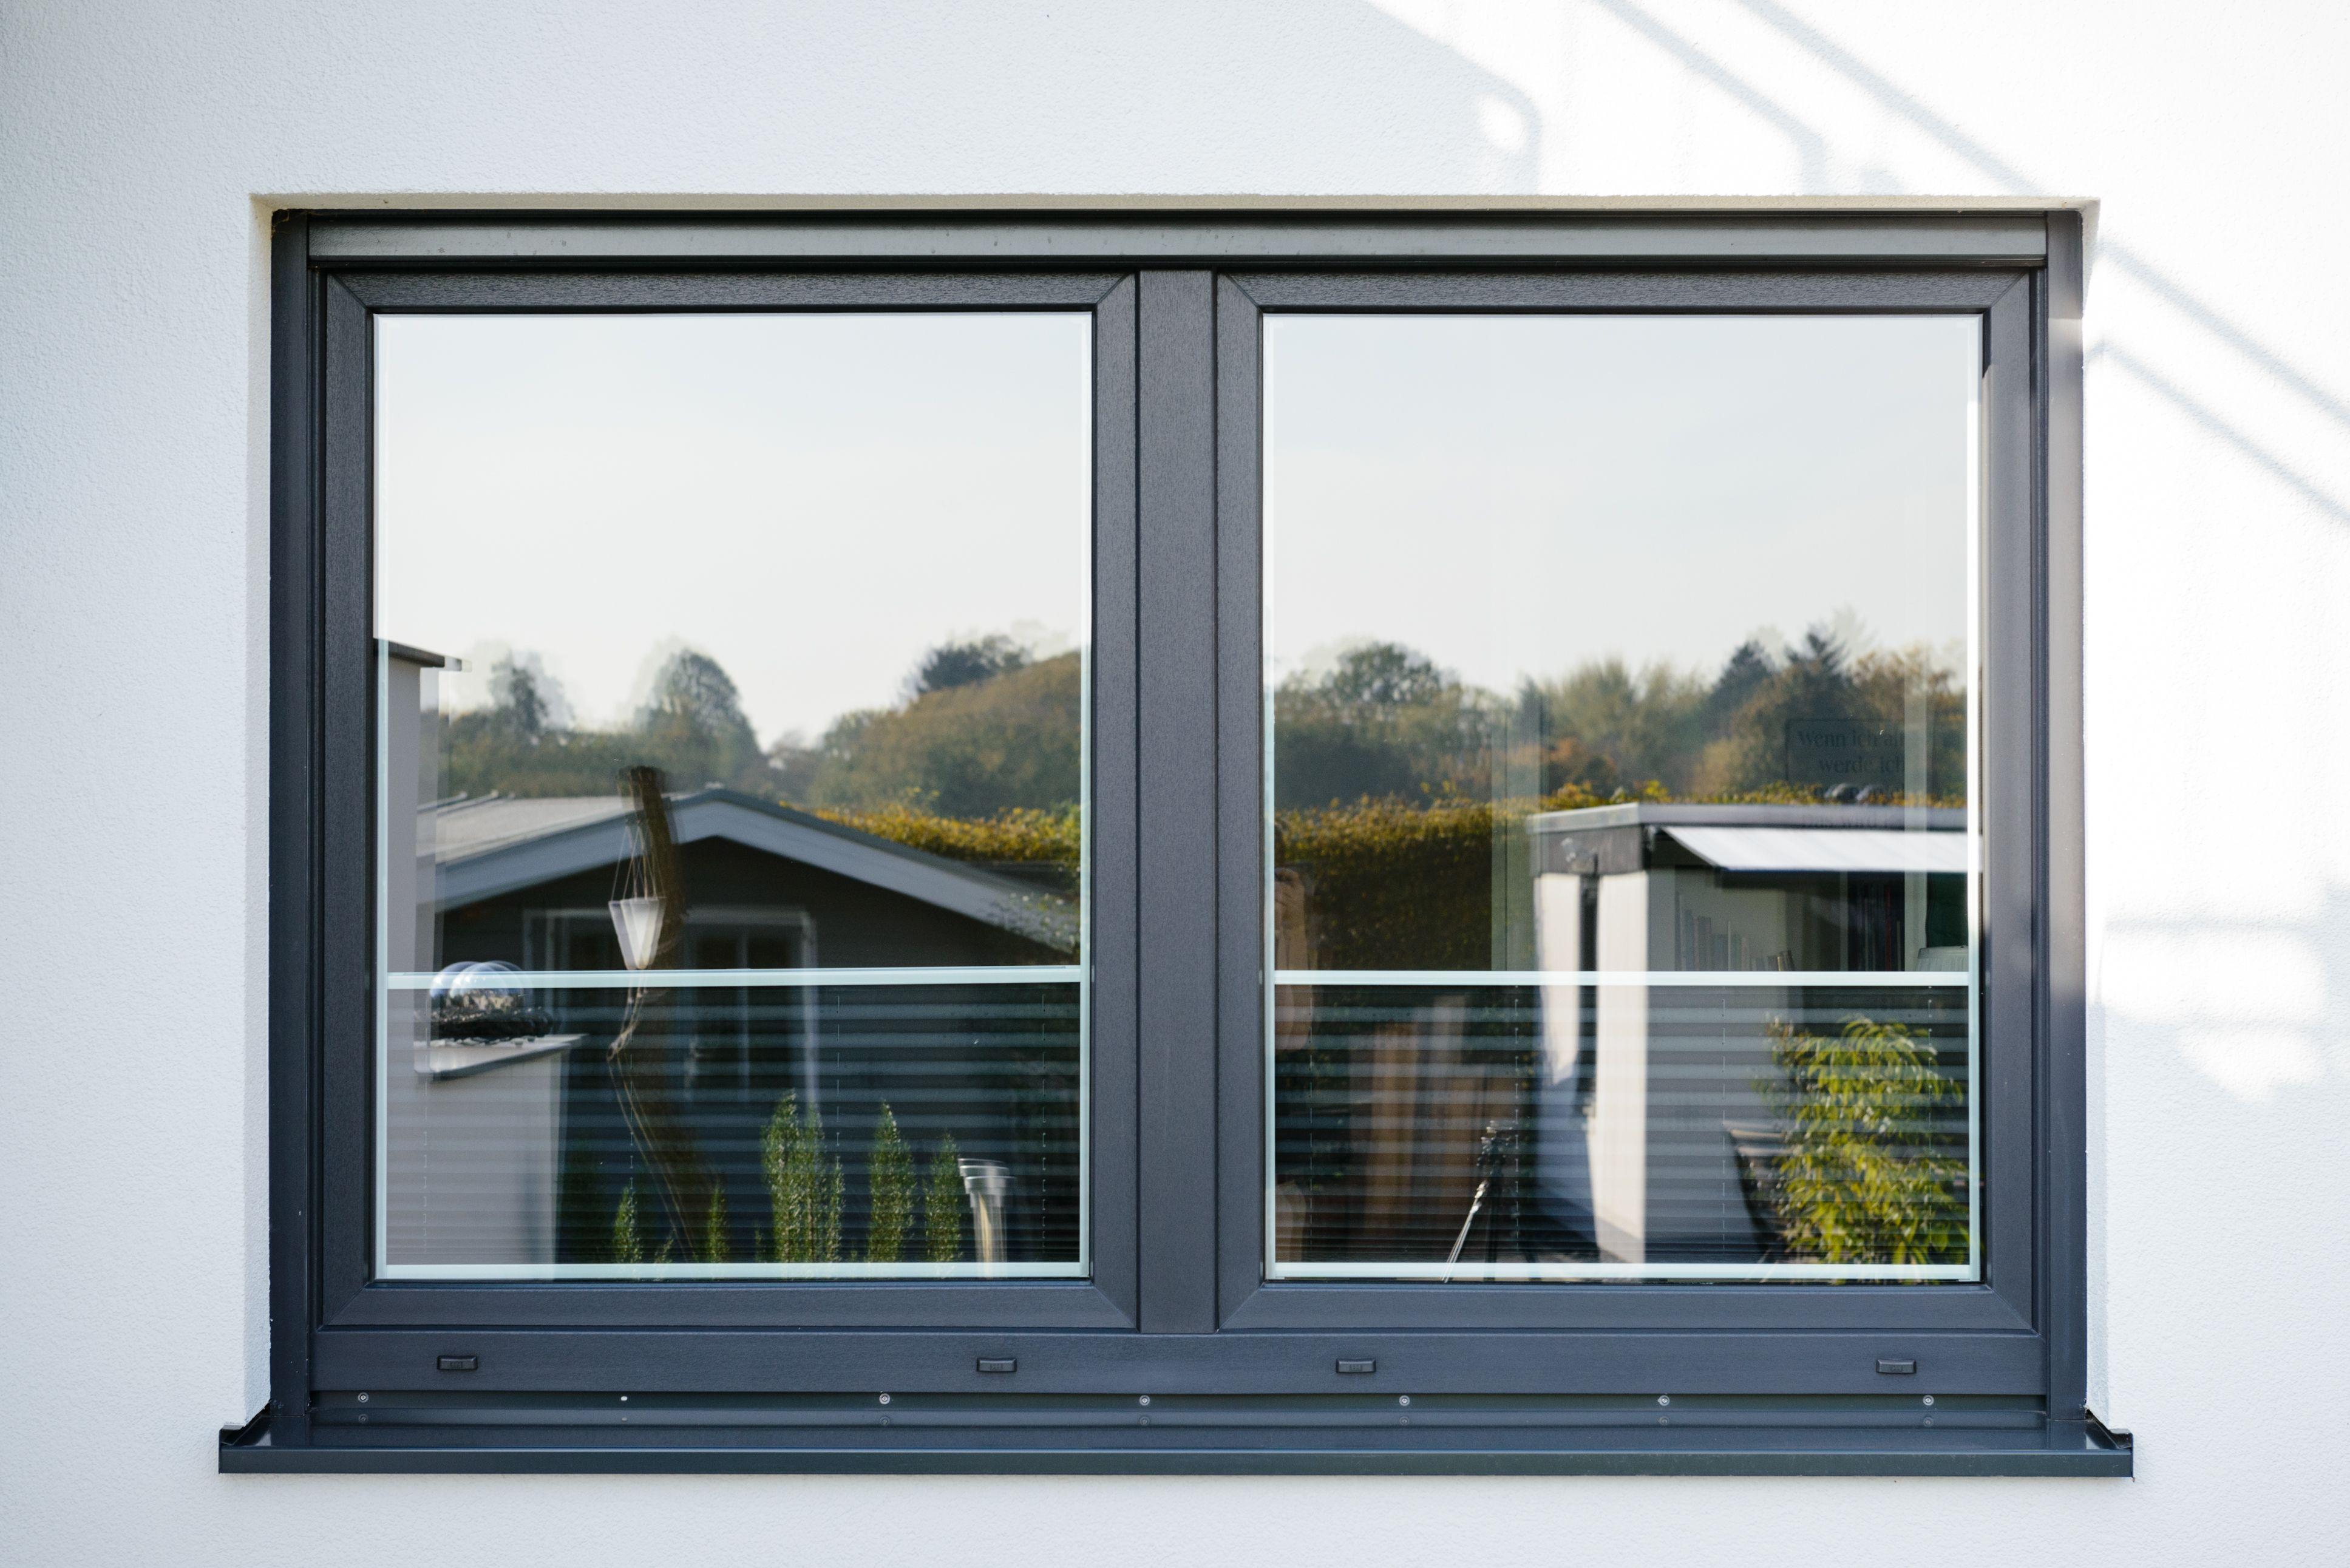 Kunststofffenster Auf Mass Neubau Architektur Garten Fenster